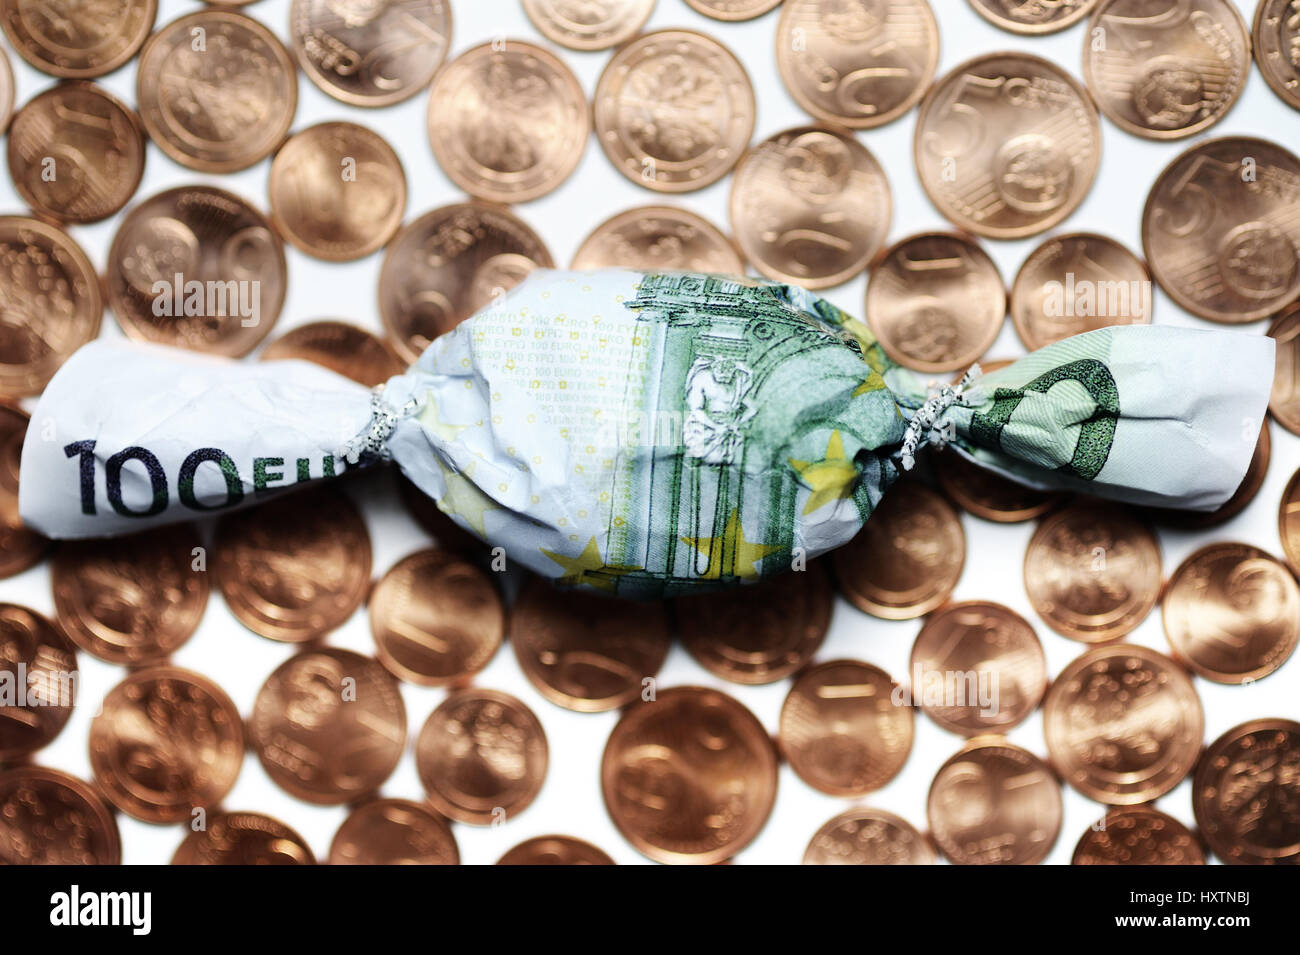 Sweet in euro-light hundred muffledly on cent coins, bonus payments, Bonbon in Hundert-Euro-Schein eingewickelt auf Cent-Münzen, Bonuszahlungen Stock Photo